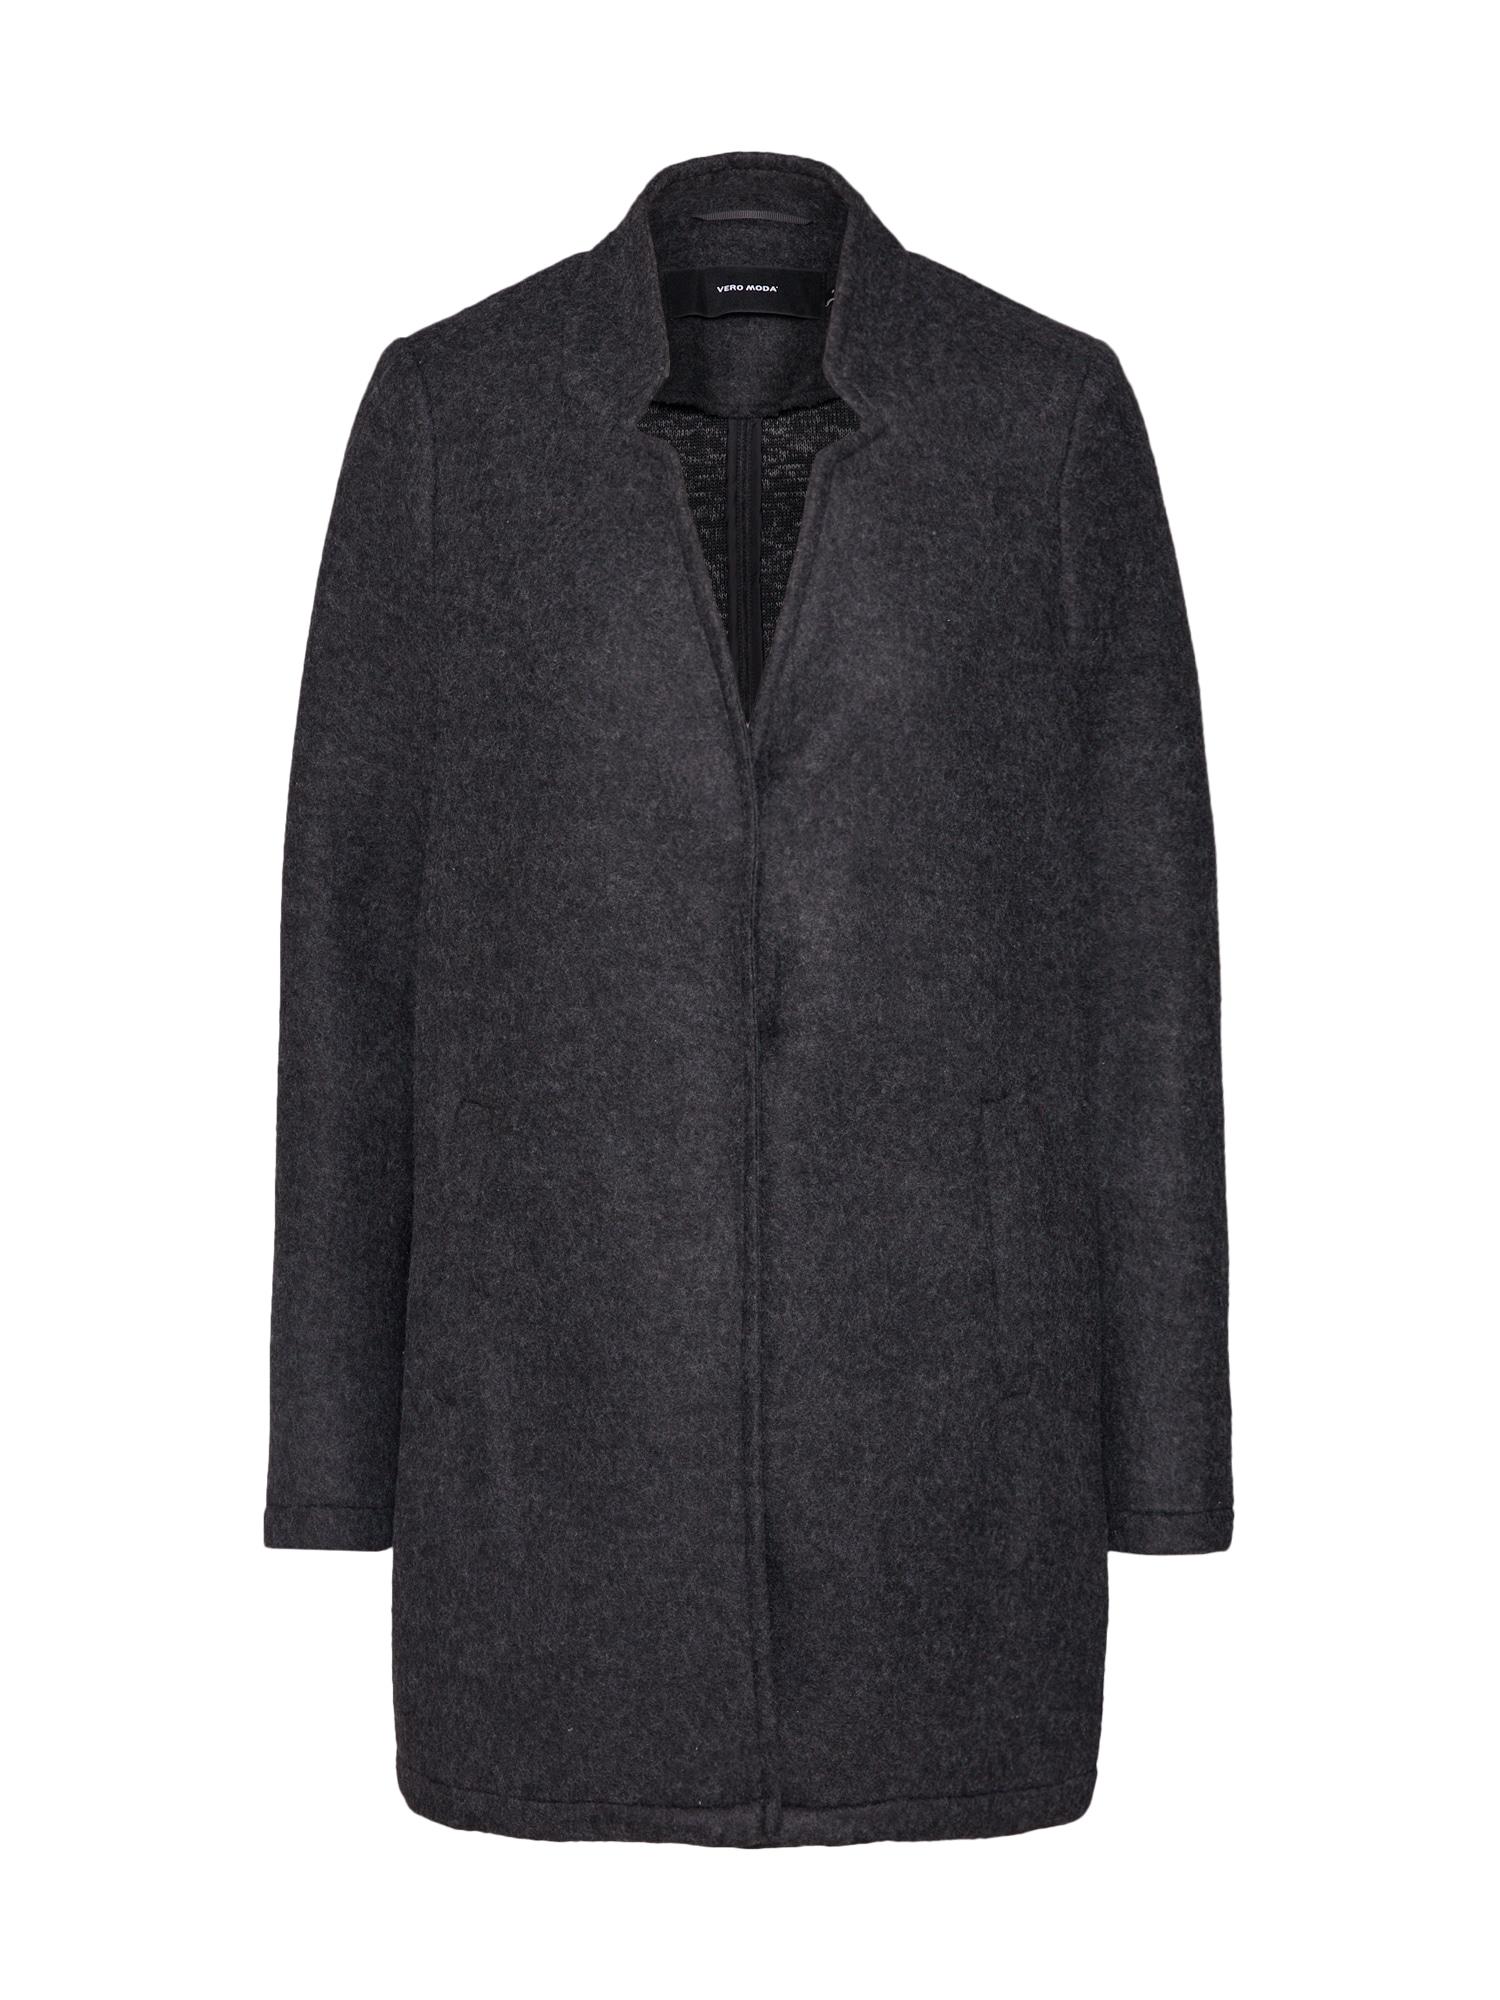 Přechodný kabát VMKATRINE BRUSHED 34 JACKET tmavě šedá VERO MODA